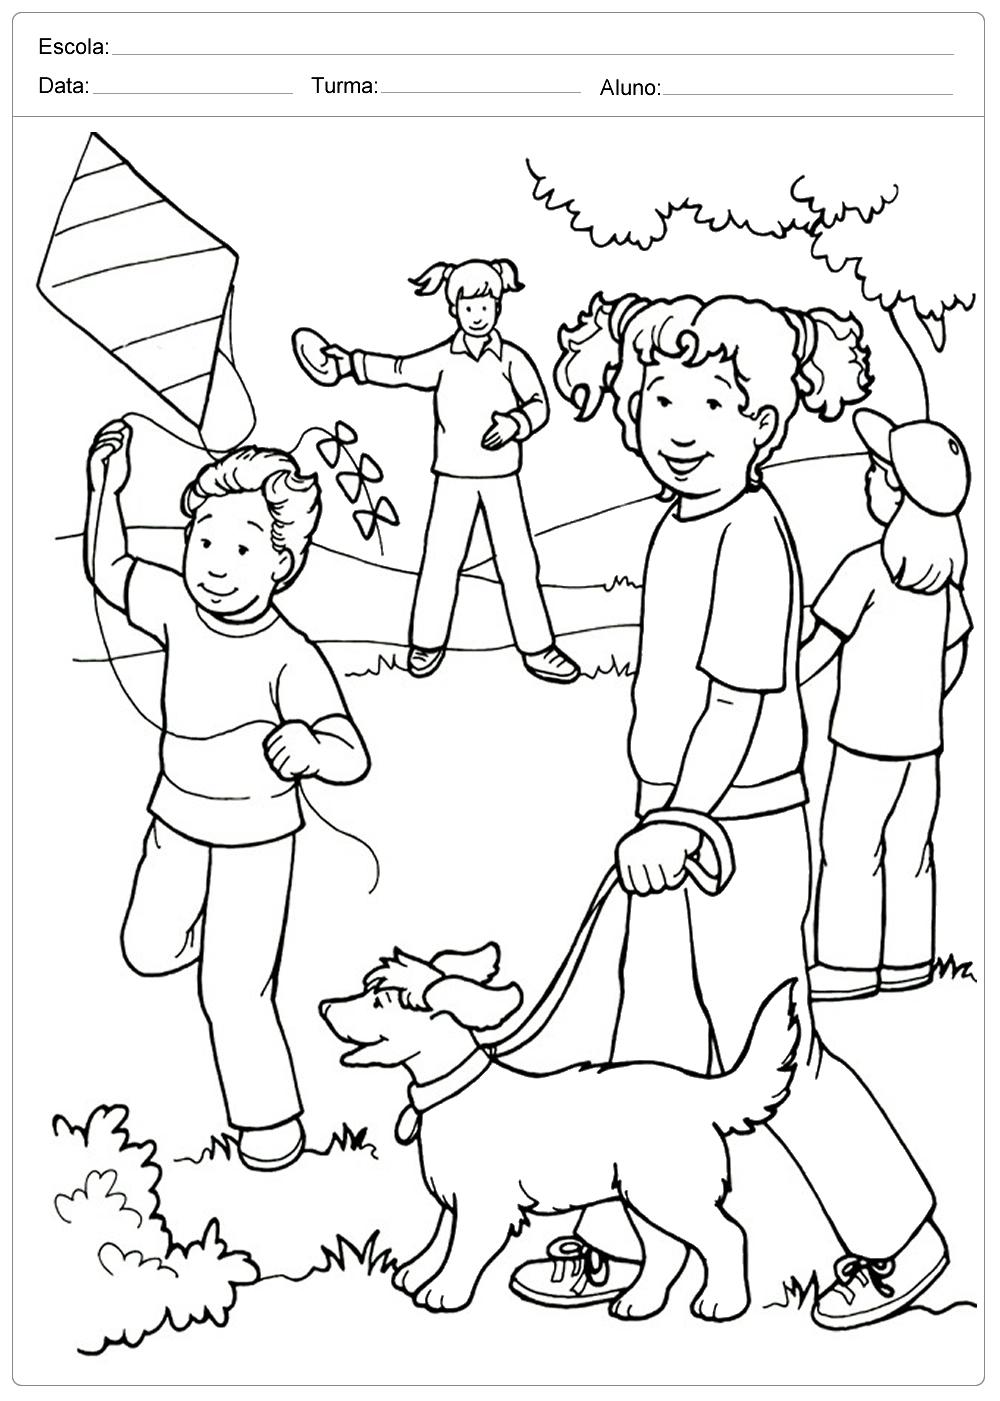 Criancas Brincando Colorir Dia Das Criancas Escola Educacao